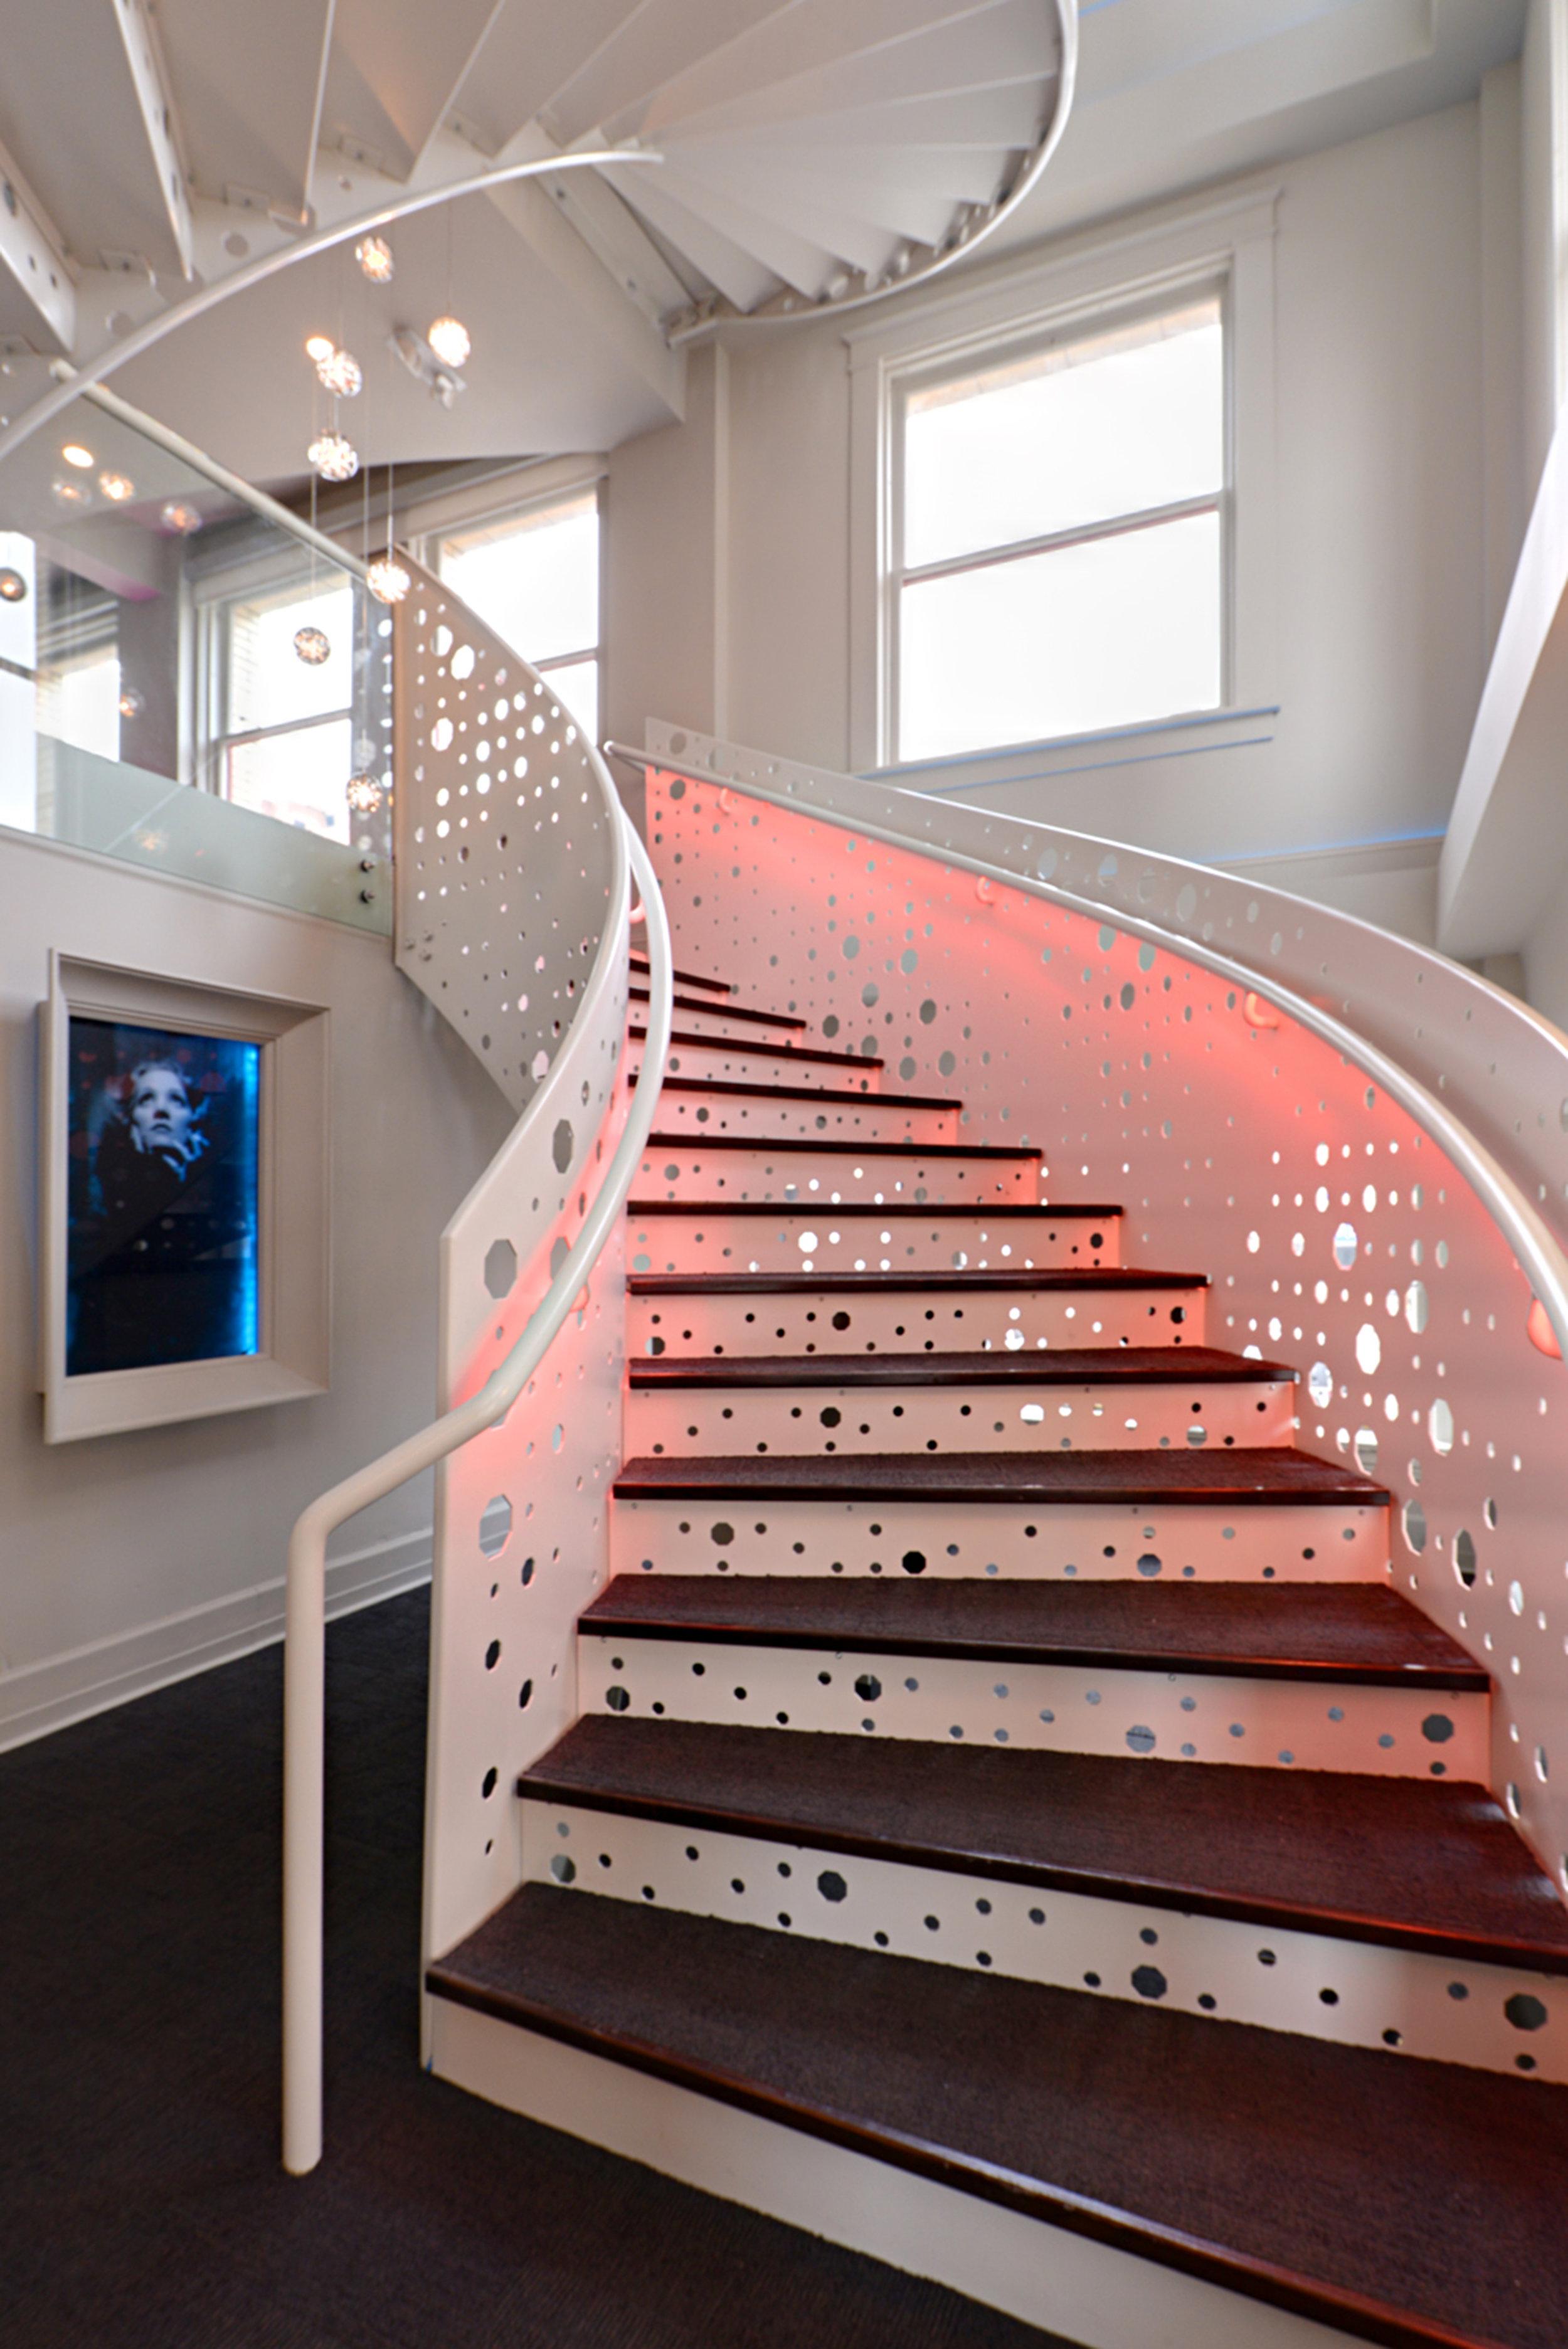 Bing Stairs 1LG.jpg